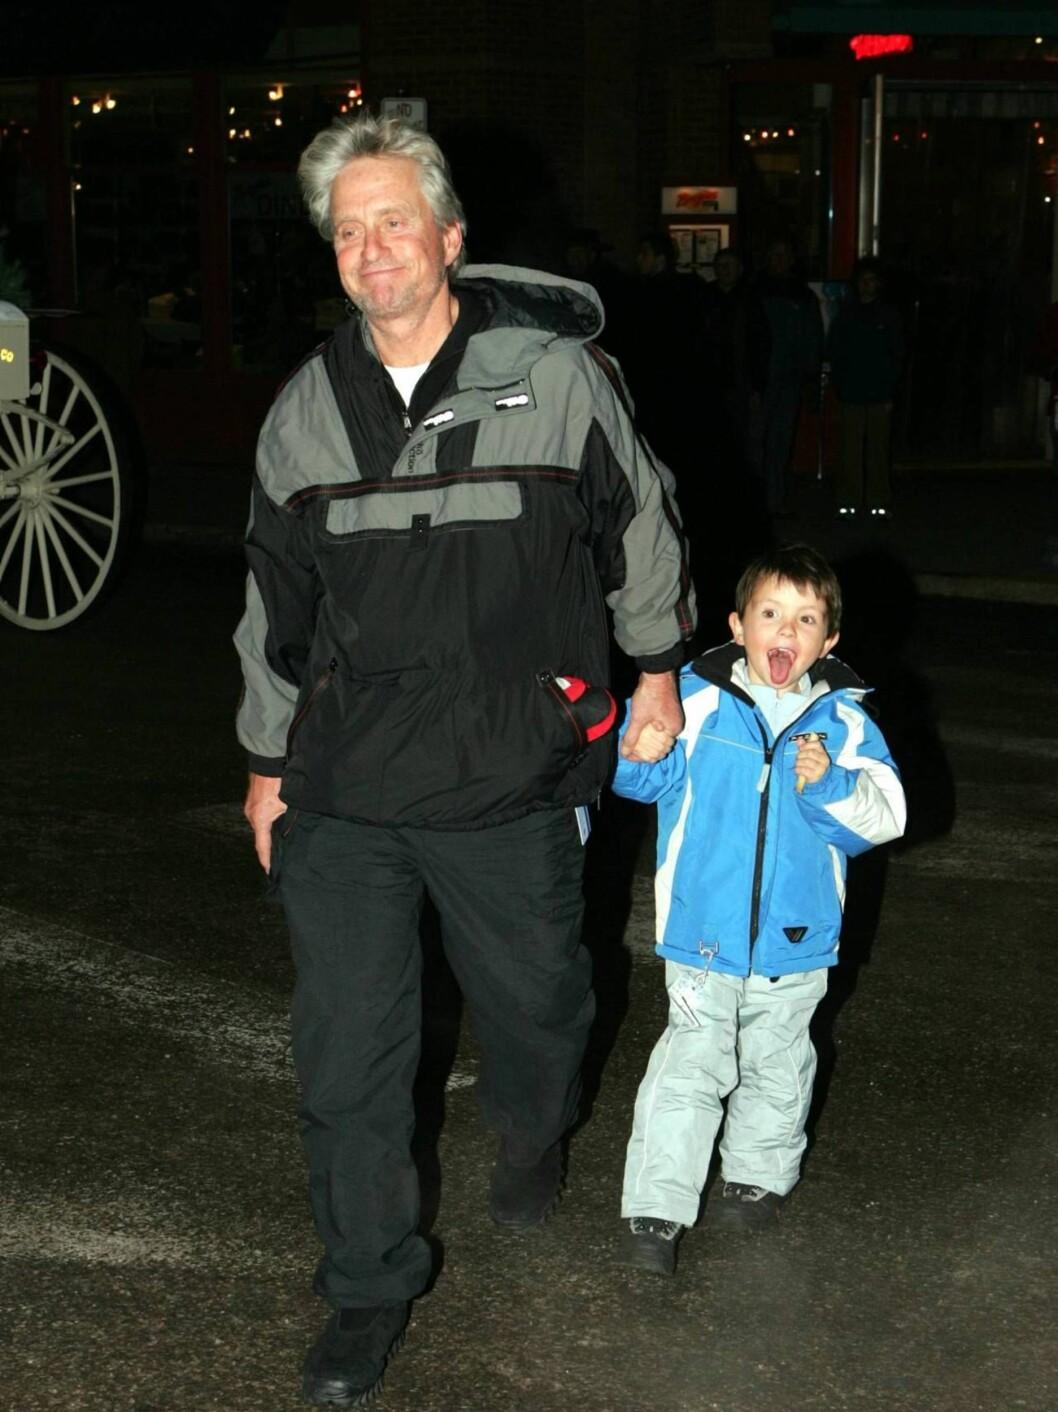 <strong>HJALP Faren:</strong> Vesle Dylan var ikke sen, da pappa ba ham tisse på ryggen hans... Foto: All Over Press